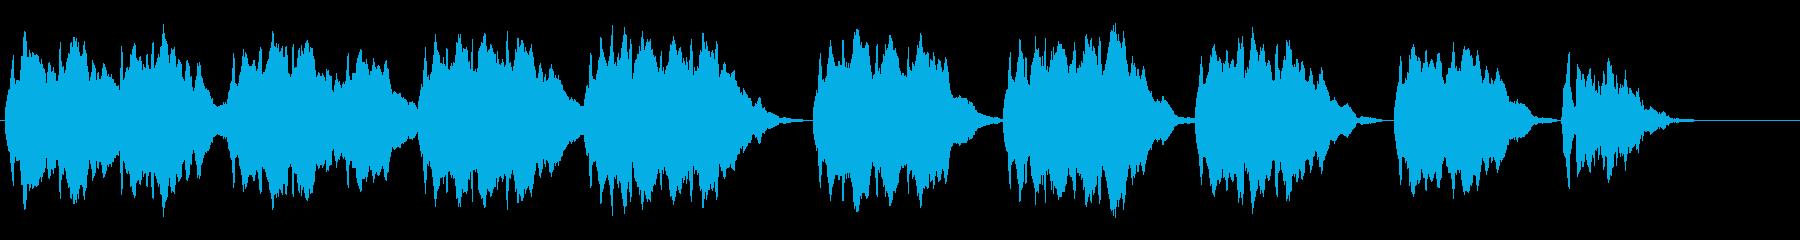 独奏弦楽器による妖しい旋律の再生済みの波形